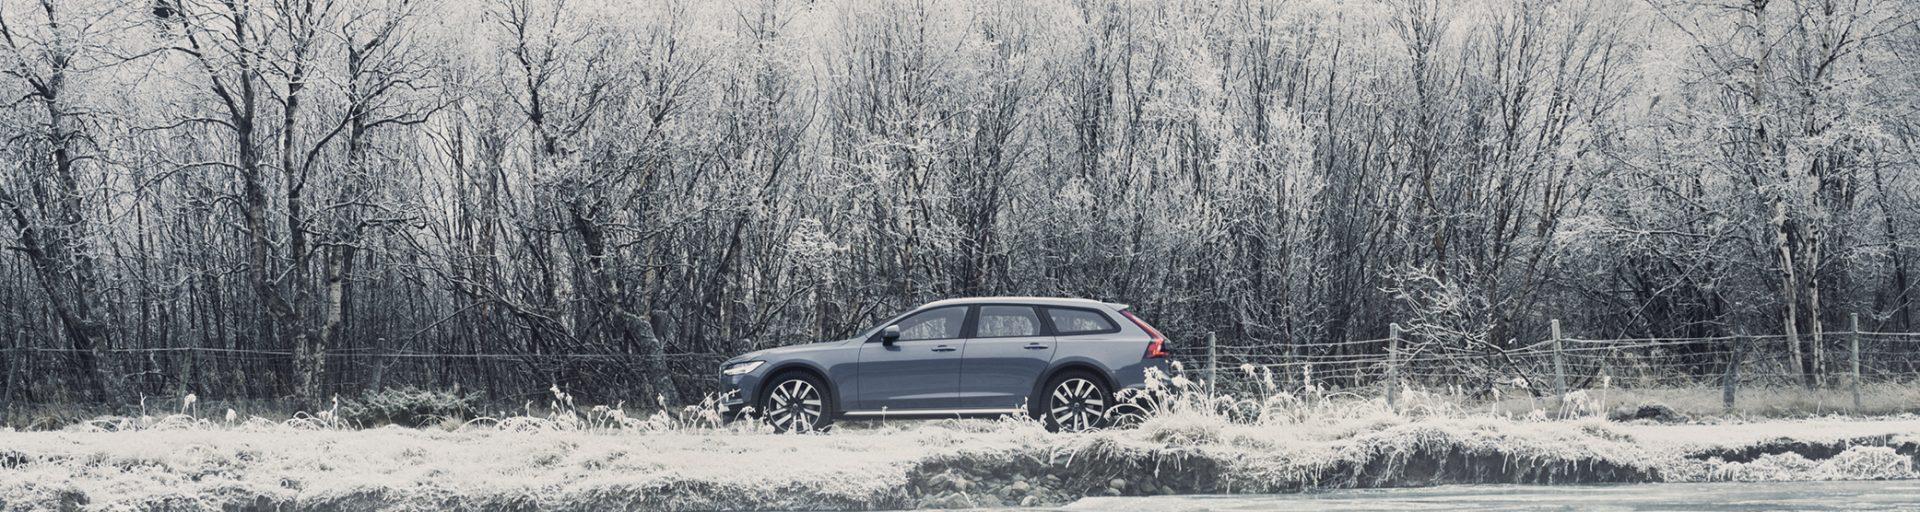 Volvo_Wintersicher_Regeln_Blog_2